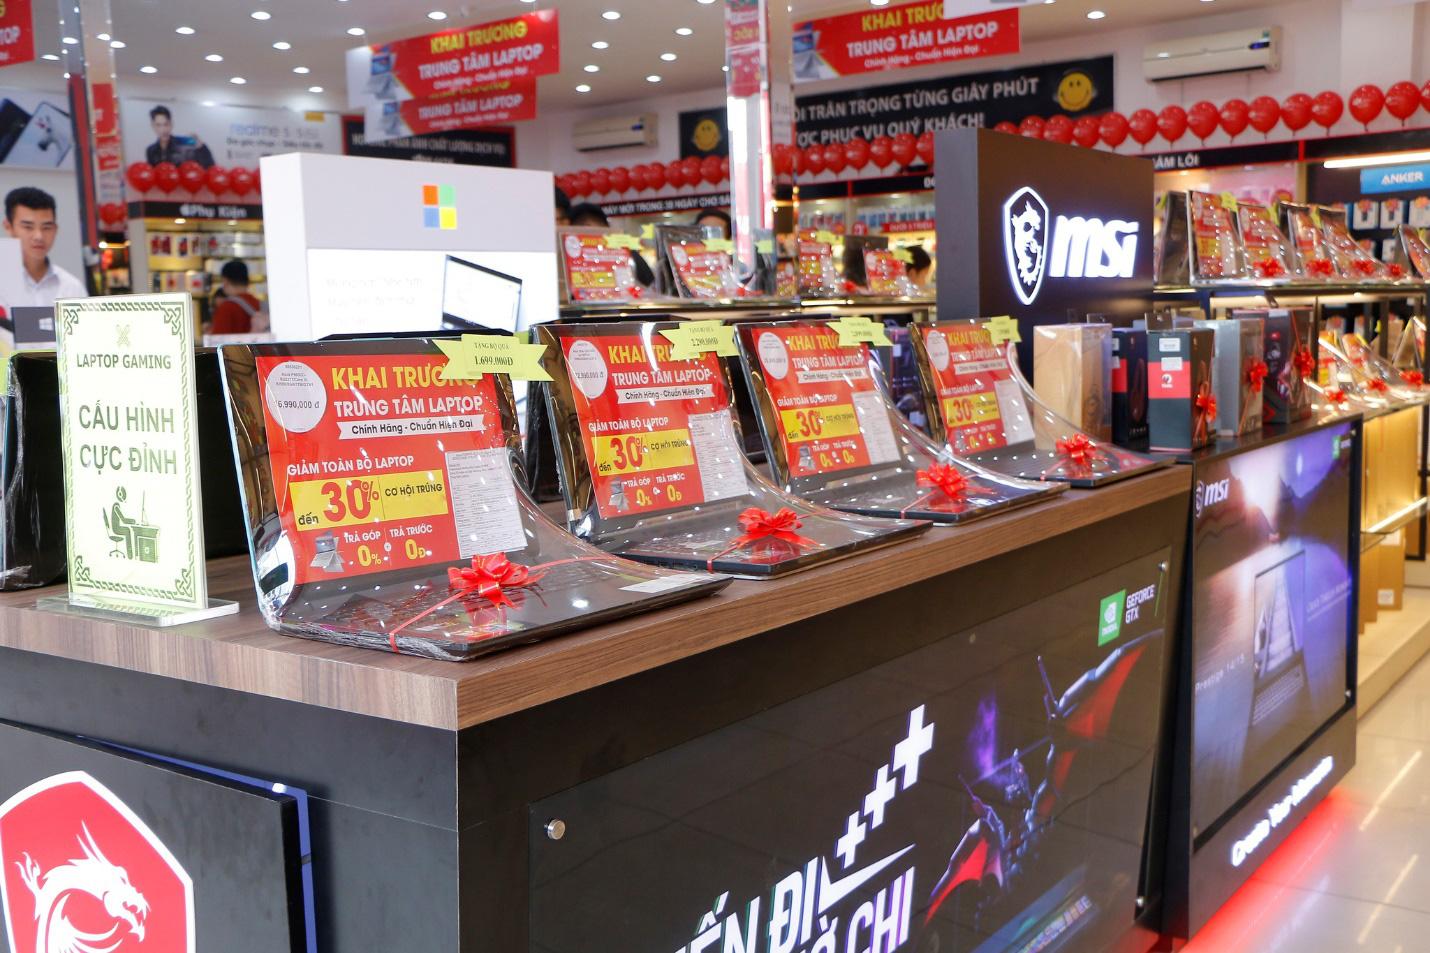 FPT Shop giảm đến 3 triệu, giao hàng miễn phí tận nhà cho khách hàng mua laptop - Ảnh 1.